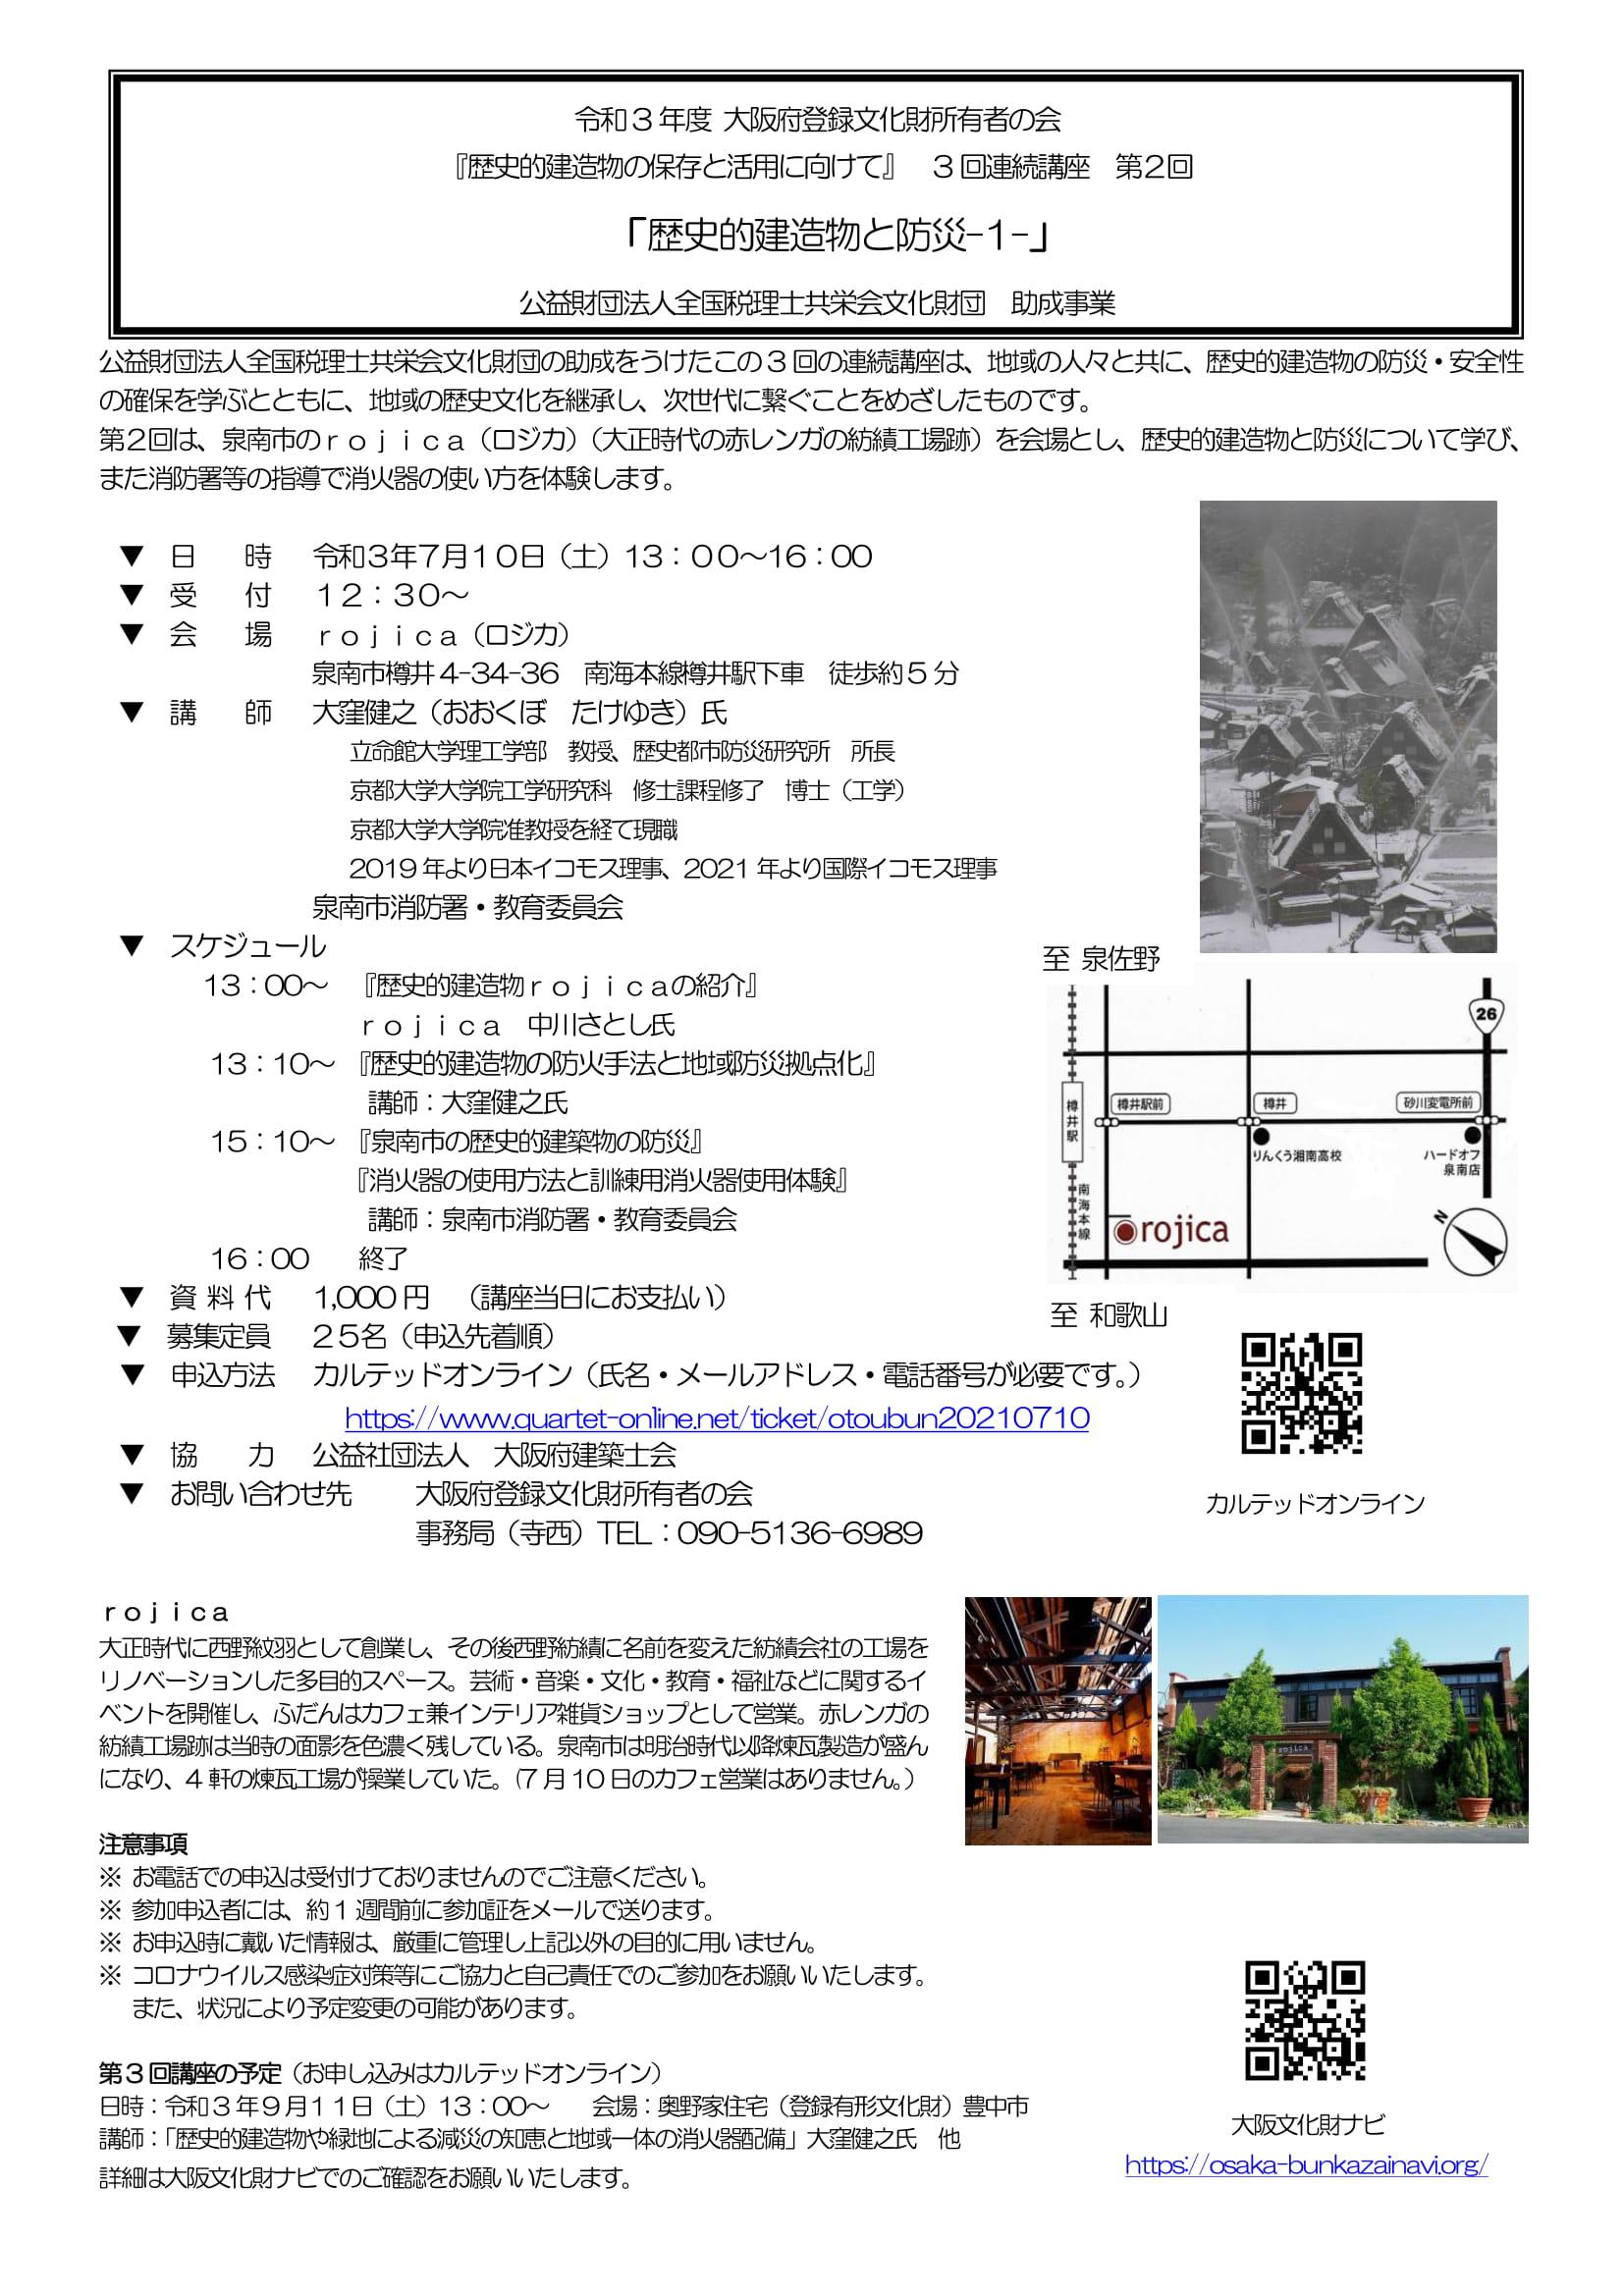 7月10日(土) 「歴史的建造物の保存と活用に向けて」~歴史的建造物と防災-1-